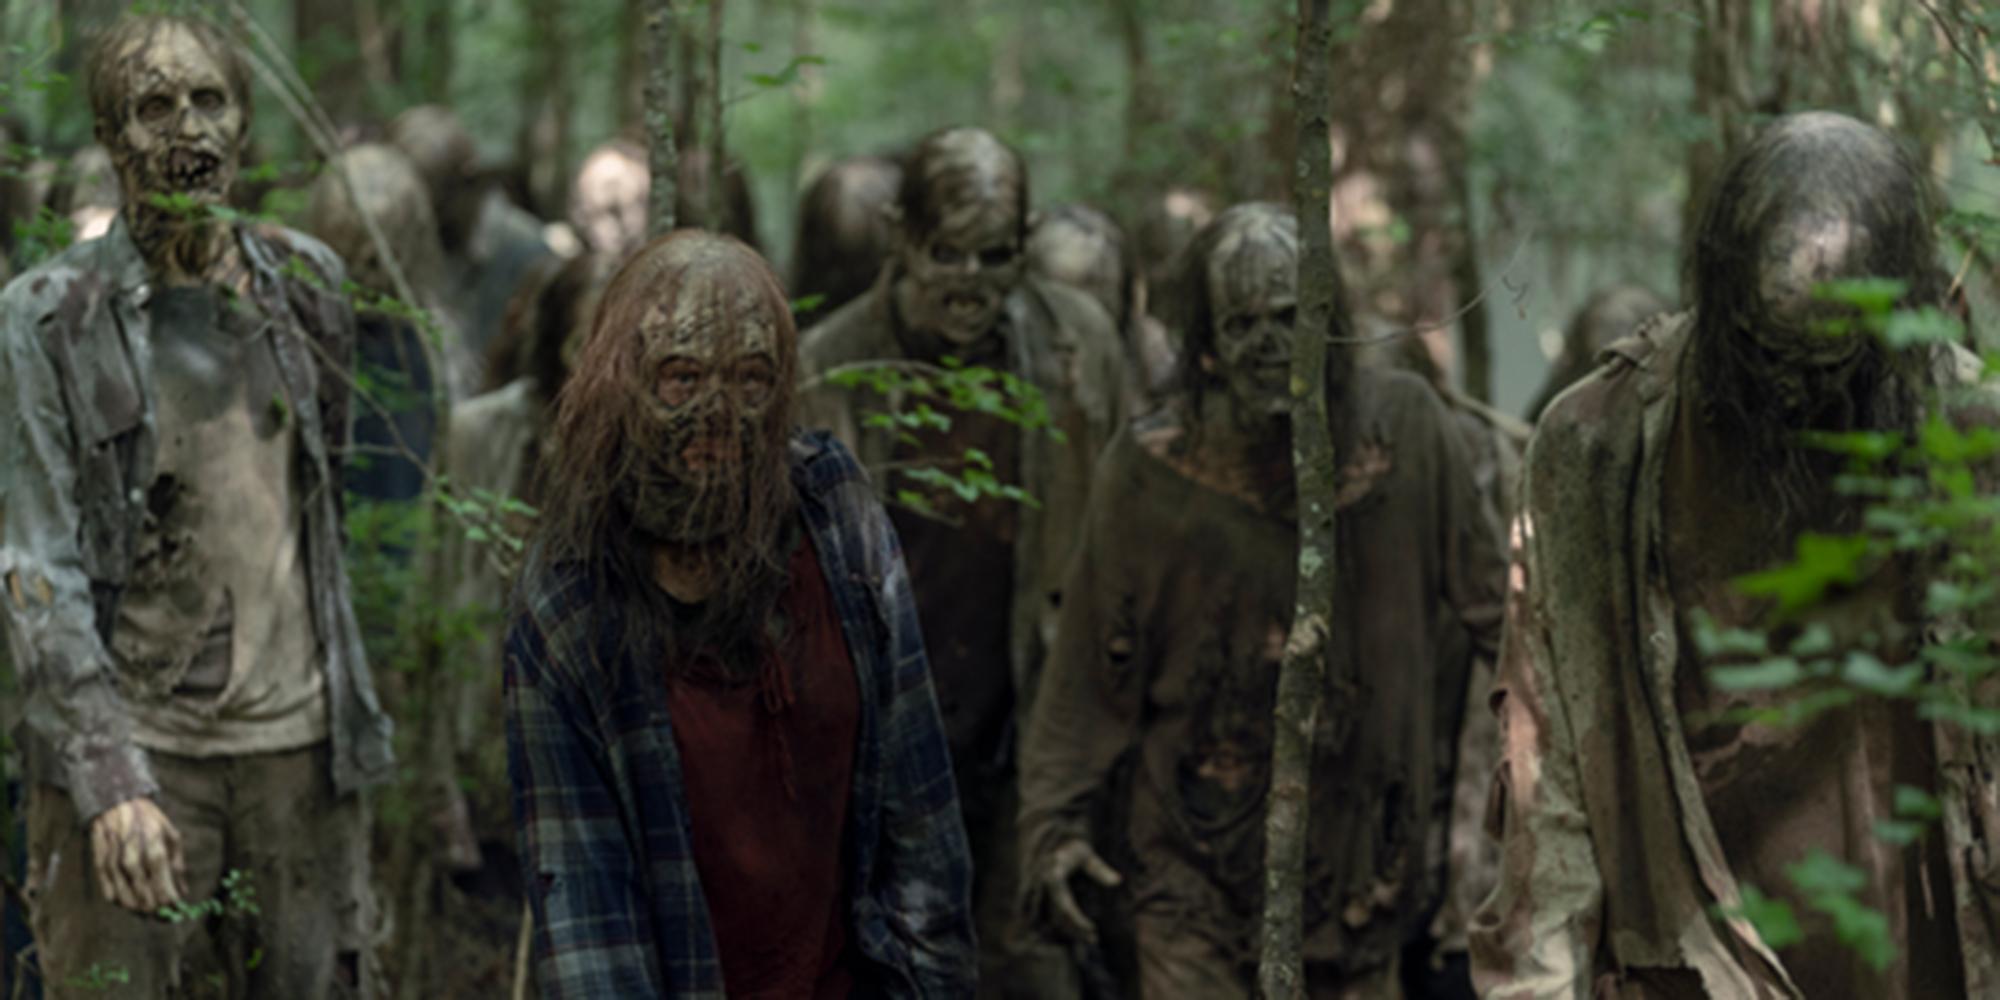 Pedigree munitions The-Walking-Dead-pour-jouer-les-zombies-il-faut-avoir-recu-une-formation-a-la-Zombie-school